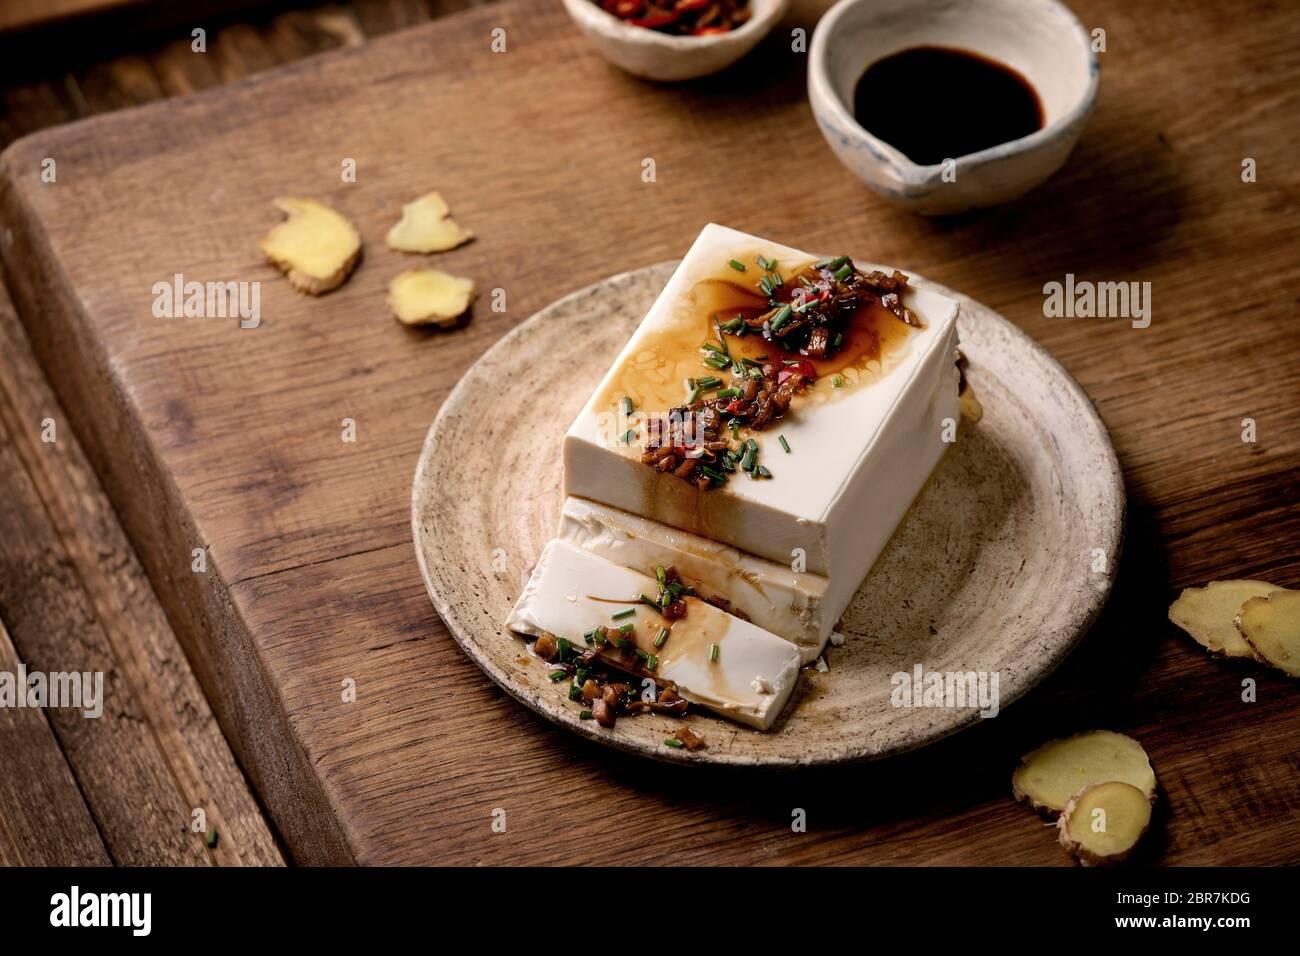 Queso De Soja Japones De Seda Tofu Pedazo Entero Con Jengibre De Chile Cebolleta Y Salsa De Soja Que Se Reparte Sobre Una Placa De Ceramica Sobre Una Mesa De Madera Fotografia